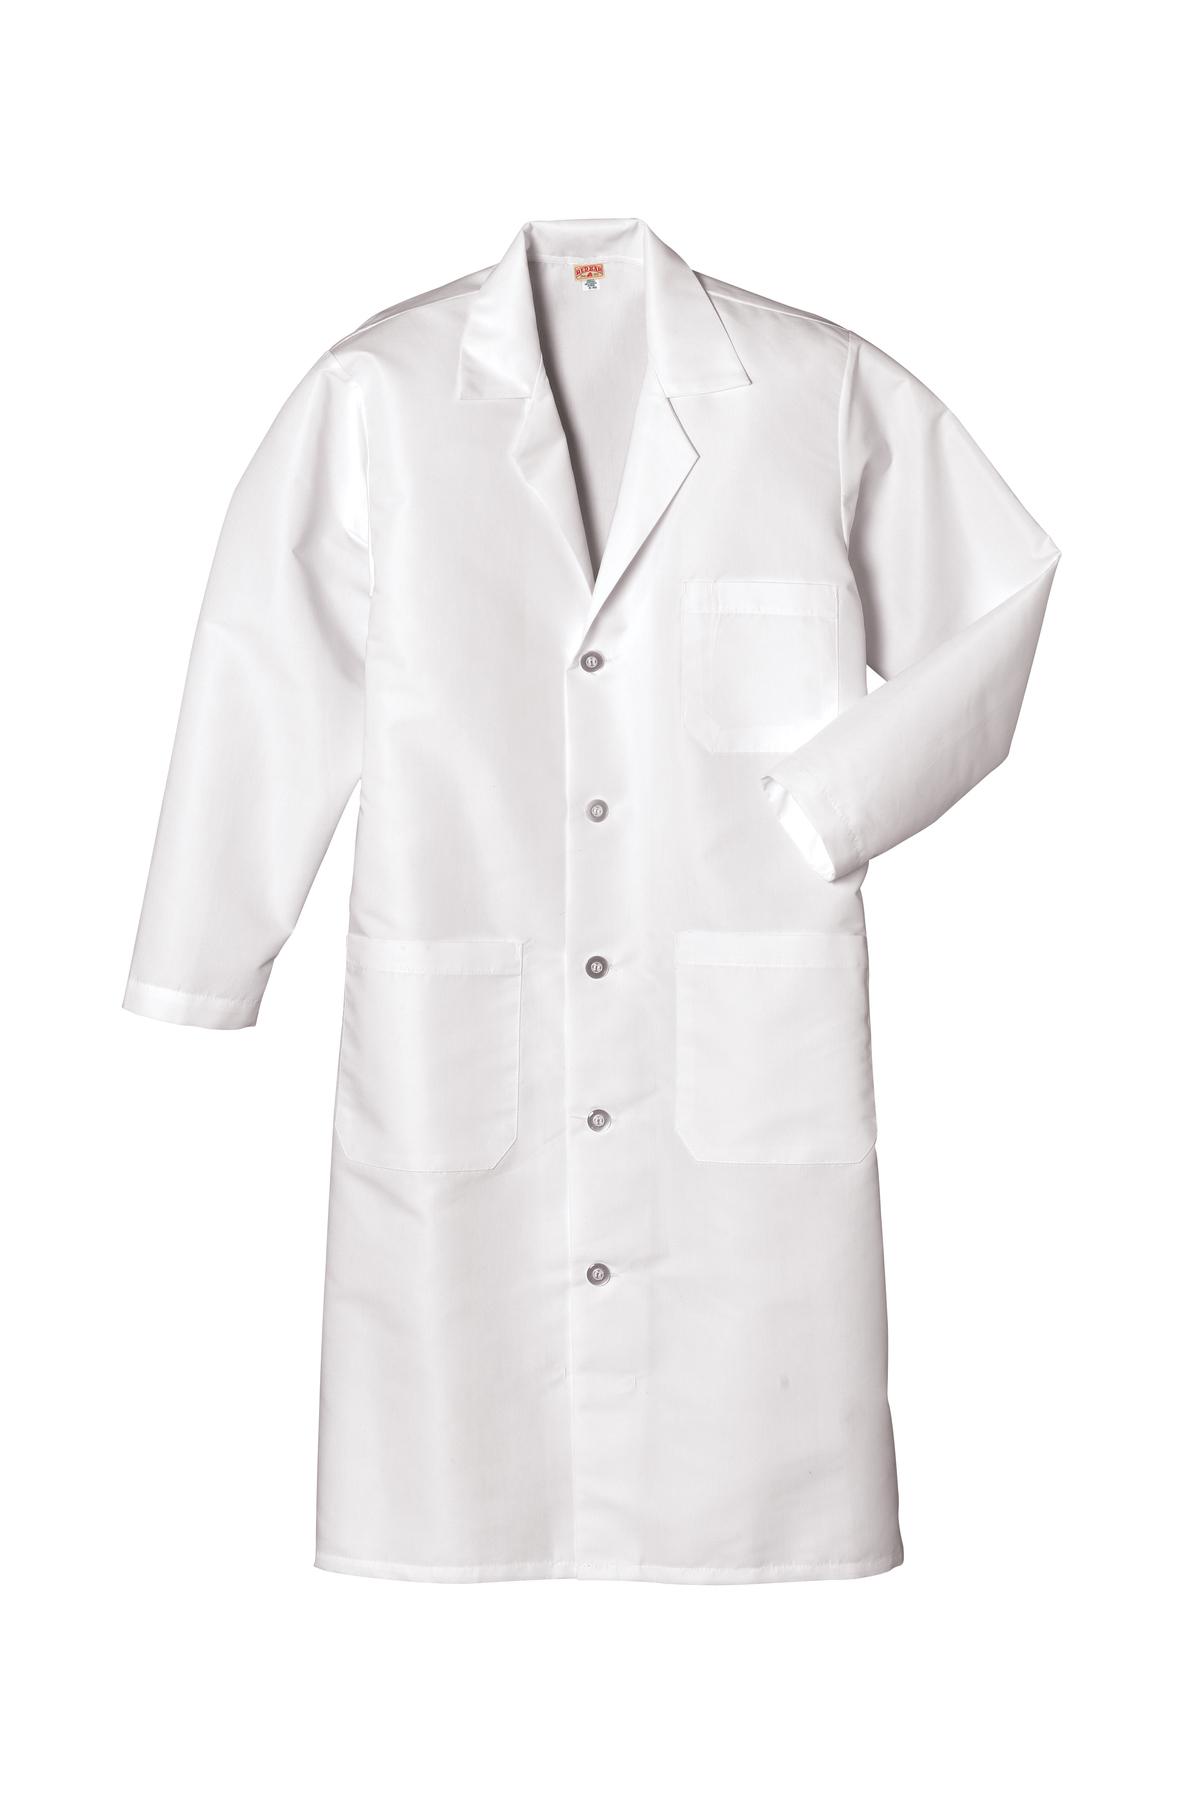 Red Kap Lab Coat  MedicalScrubs  Workwear  SanMar